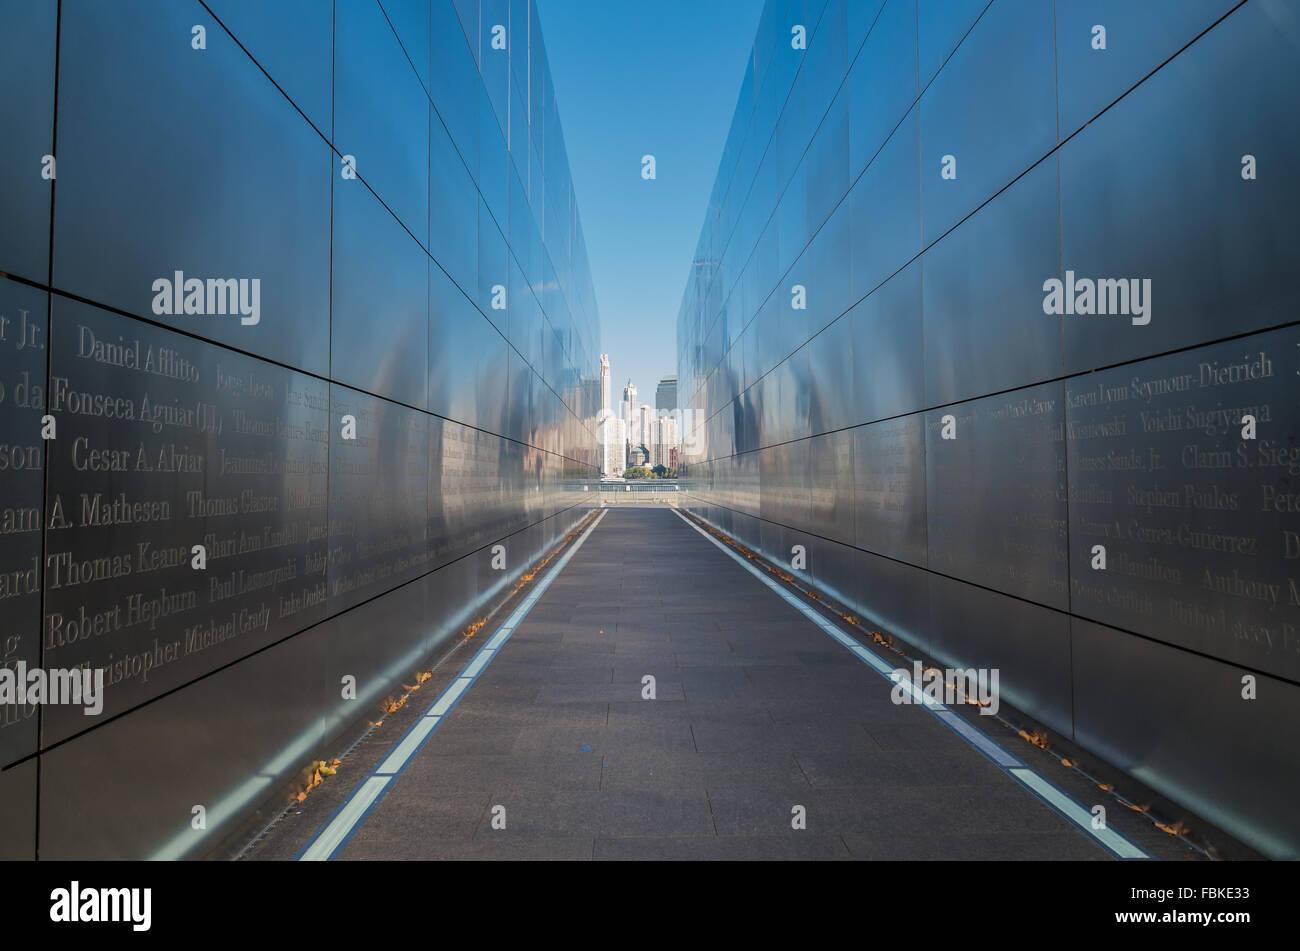 El cielo vacío memorial al 11 de septiembre; situado en Liberty State Park en Jersey City y frente a la ciudad Imagen De Stock